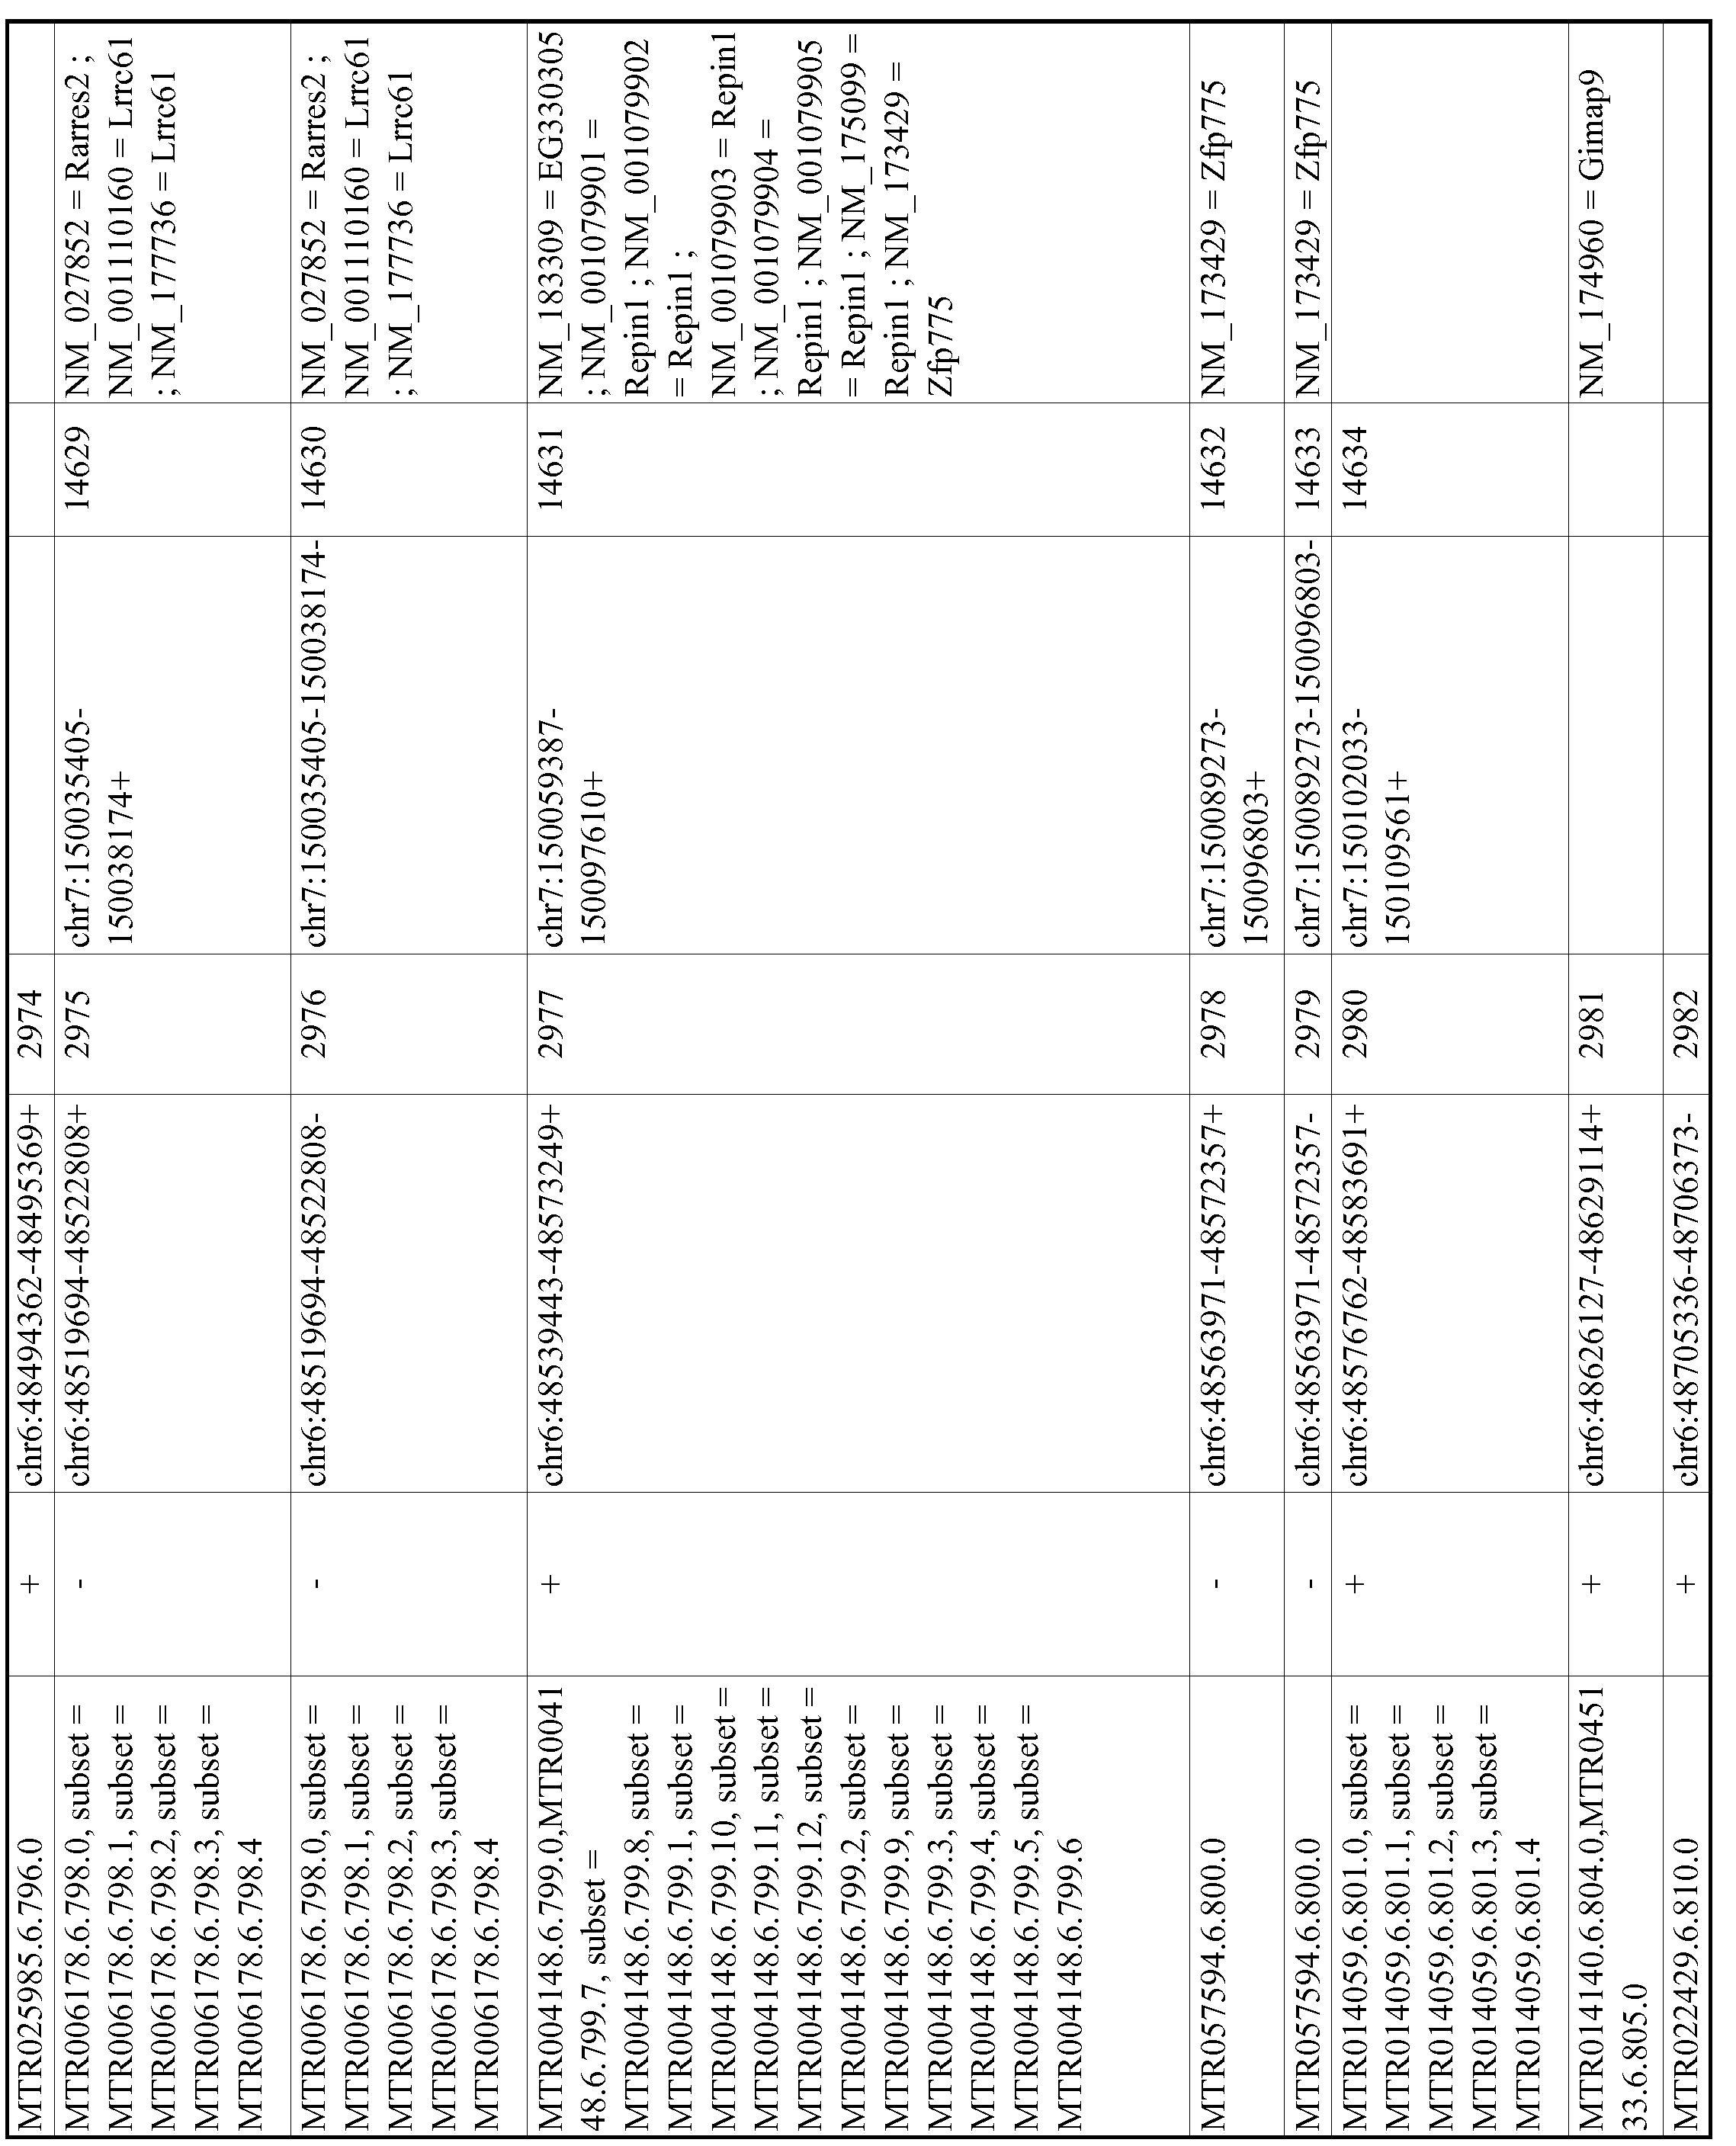 Figure imgf000601_0001